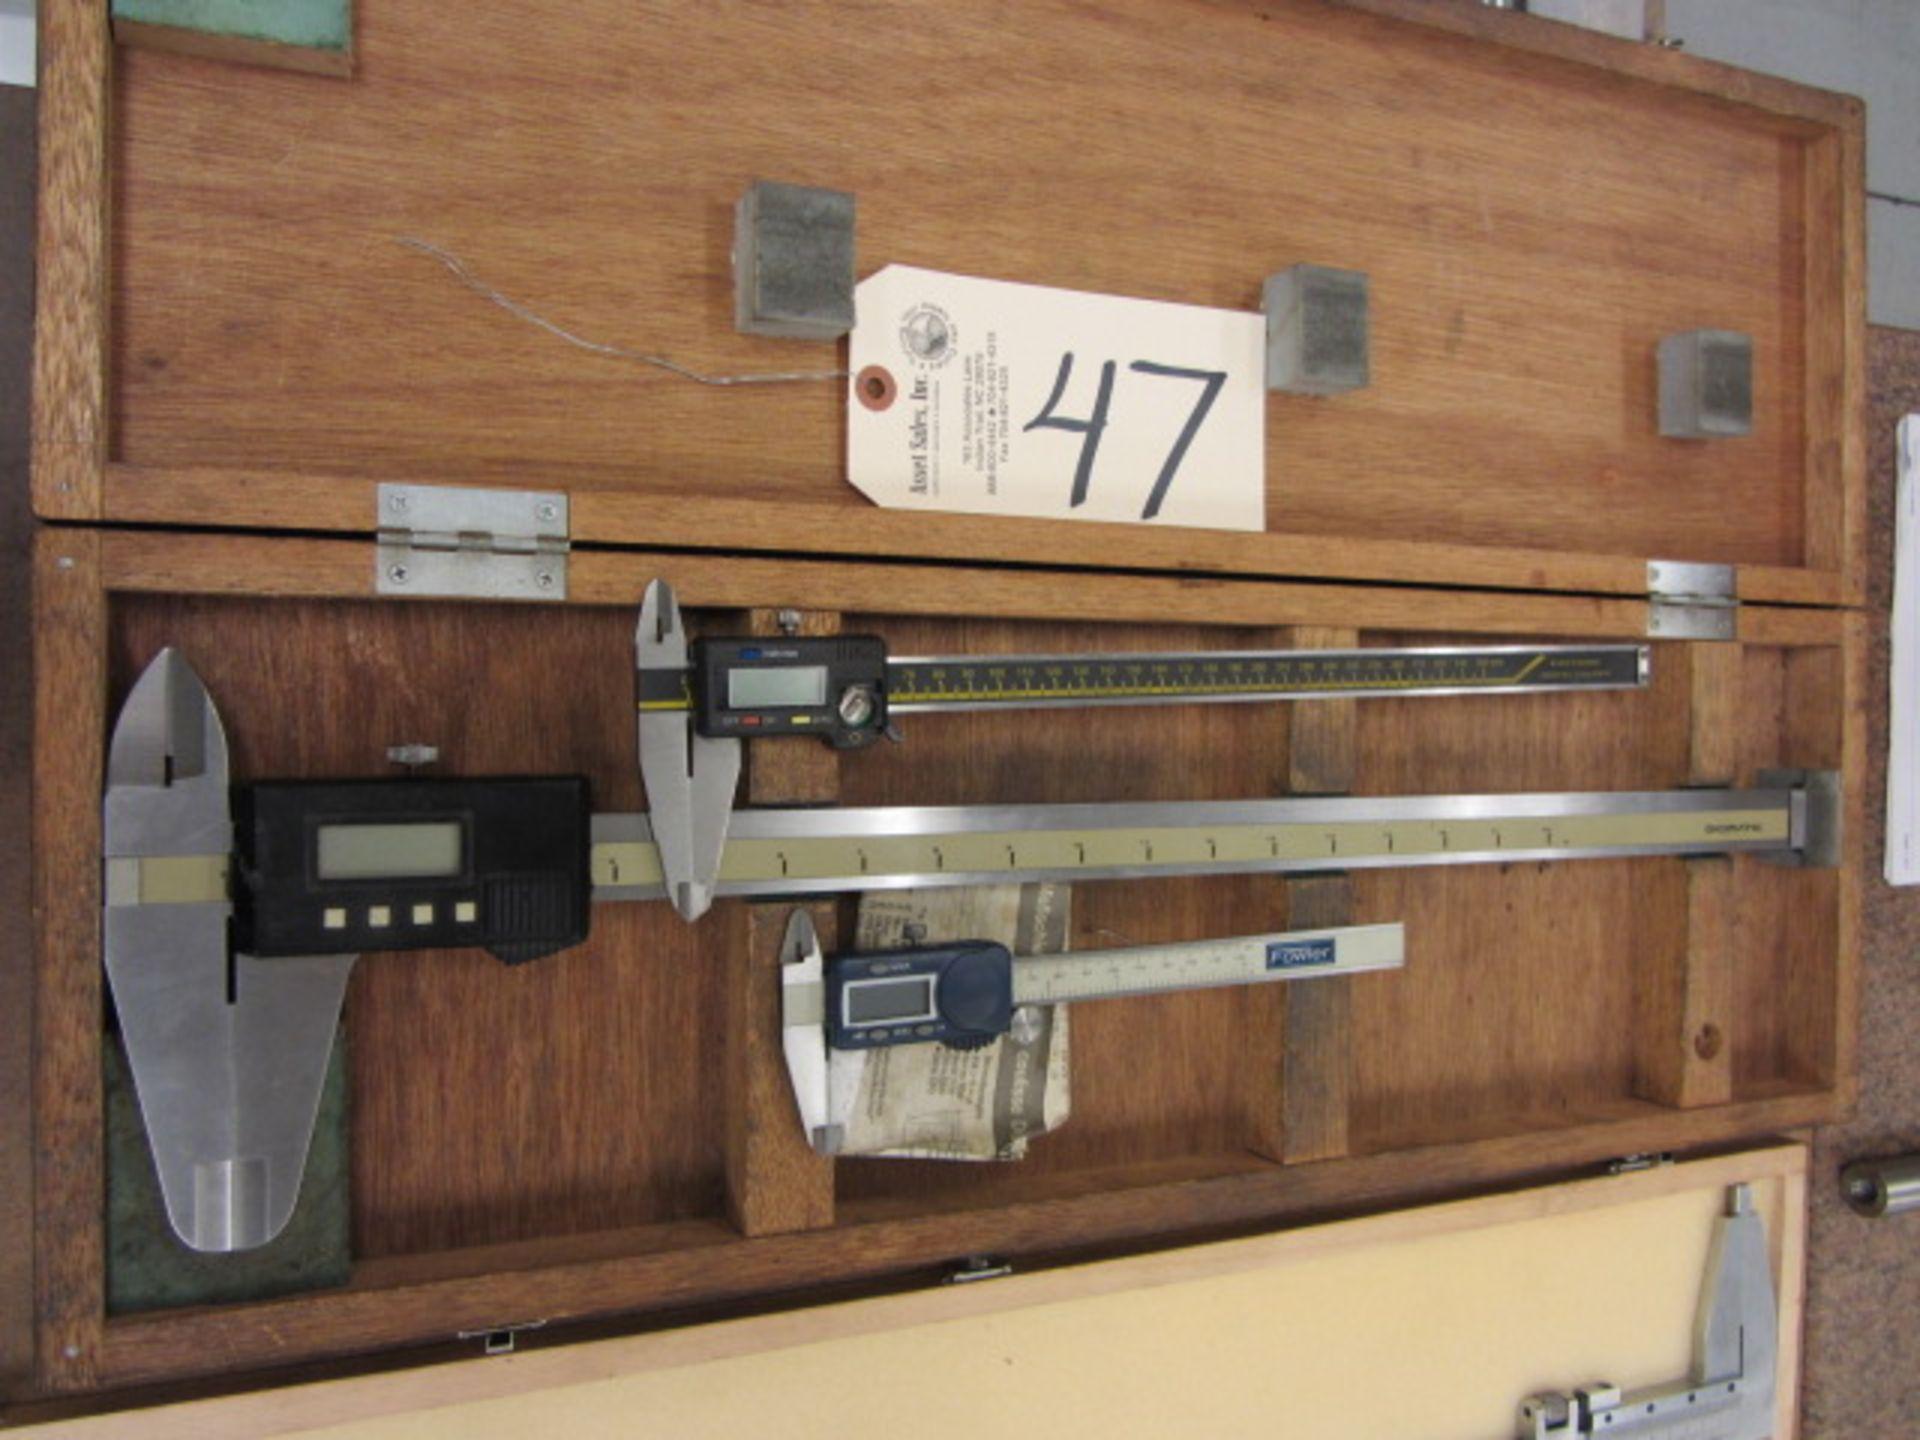 Lot 47 - 18'' Digital Caliper, 300mm Digital Calipers